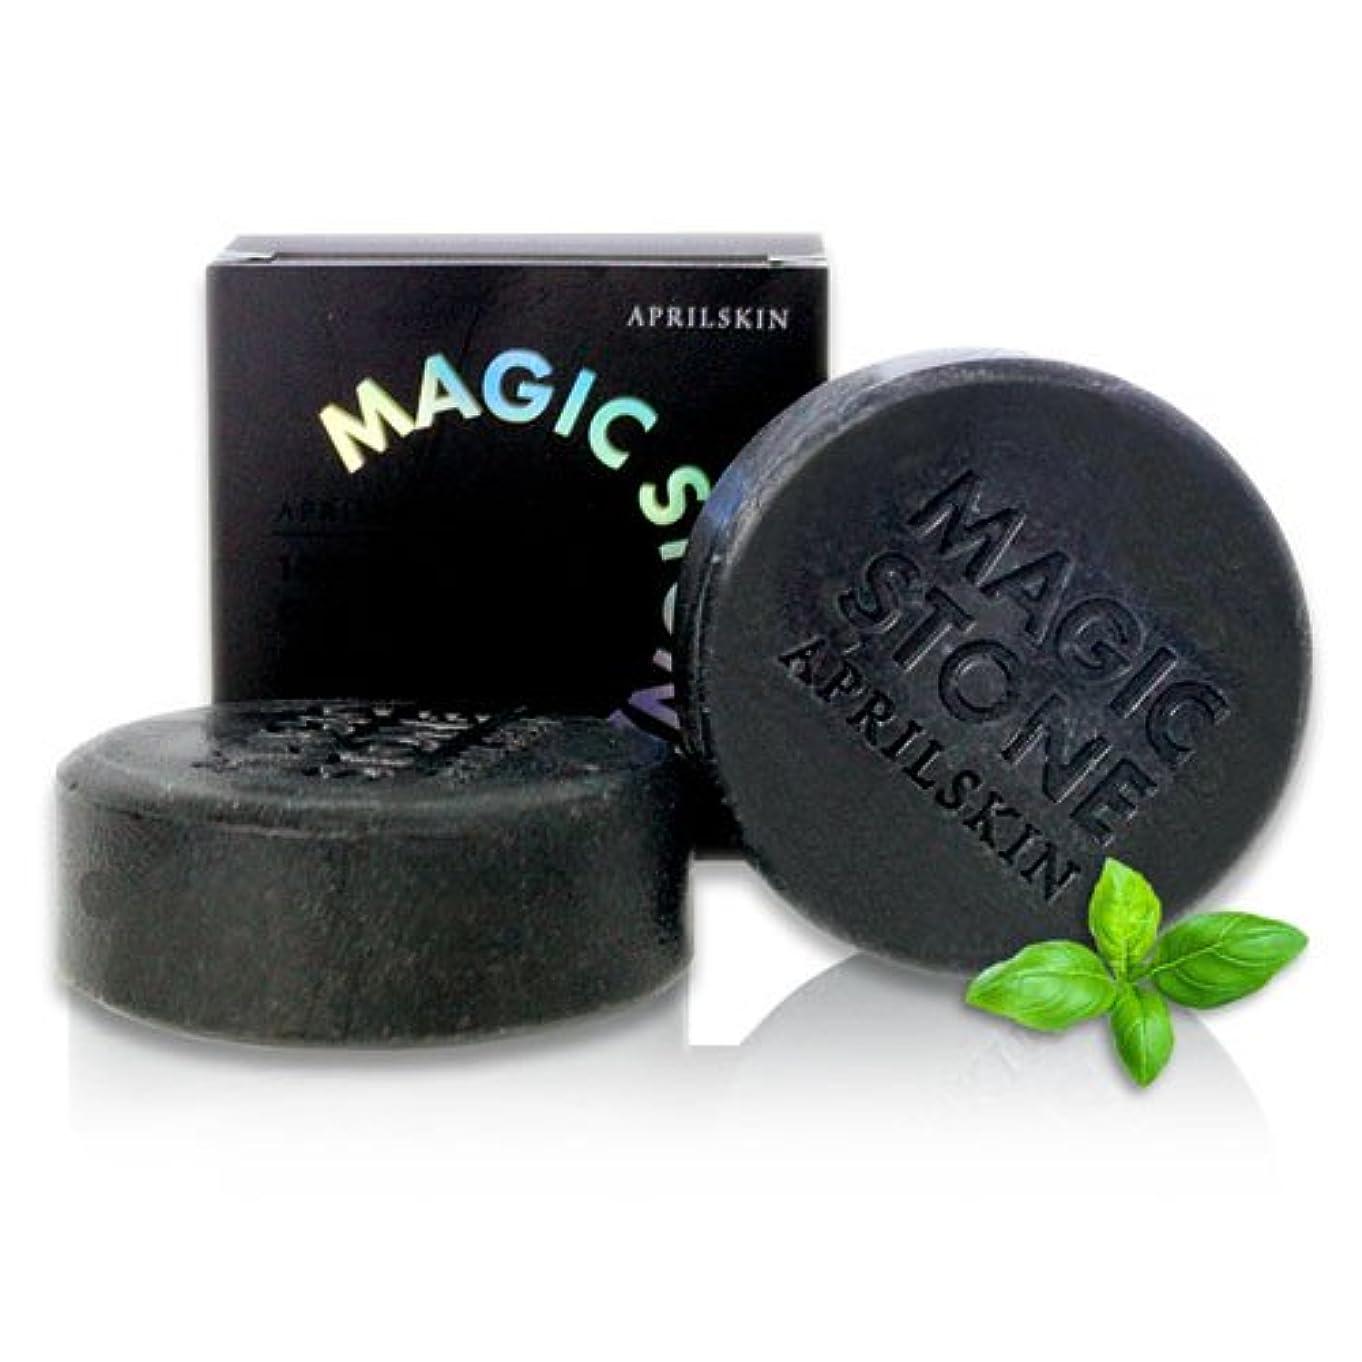 教授契約定刻エープリル?スキン [韓国コスメ April Skin] マジック ストーン (100%天然石けん) Magic Stone Black [海外直送品][並行輸入品]